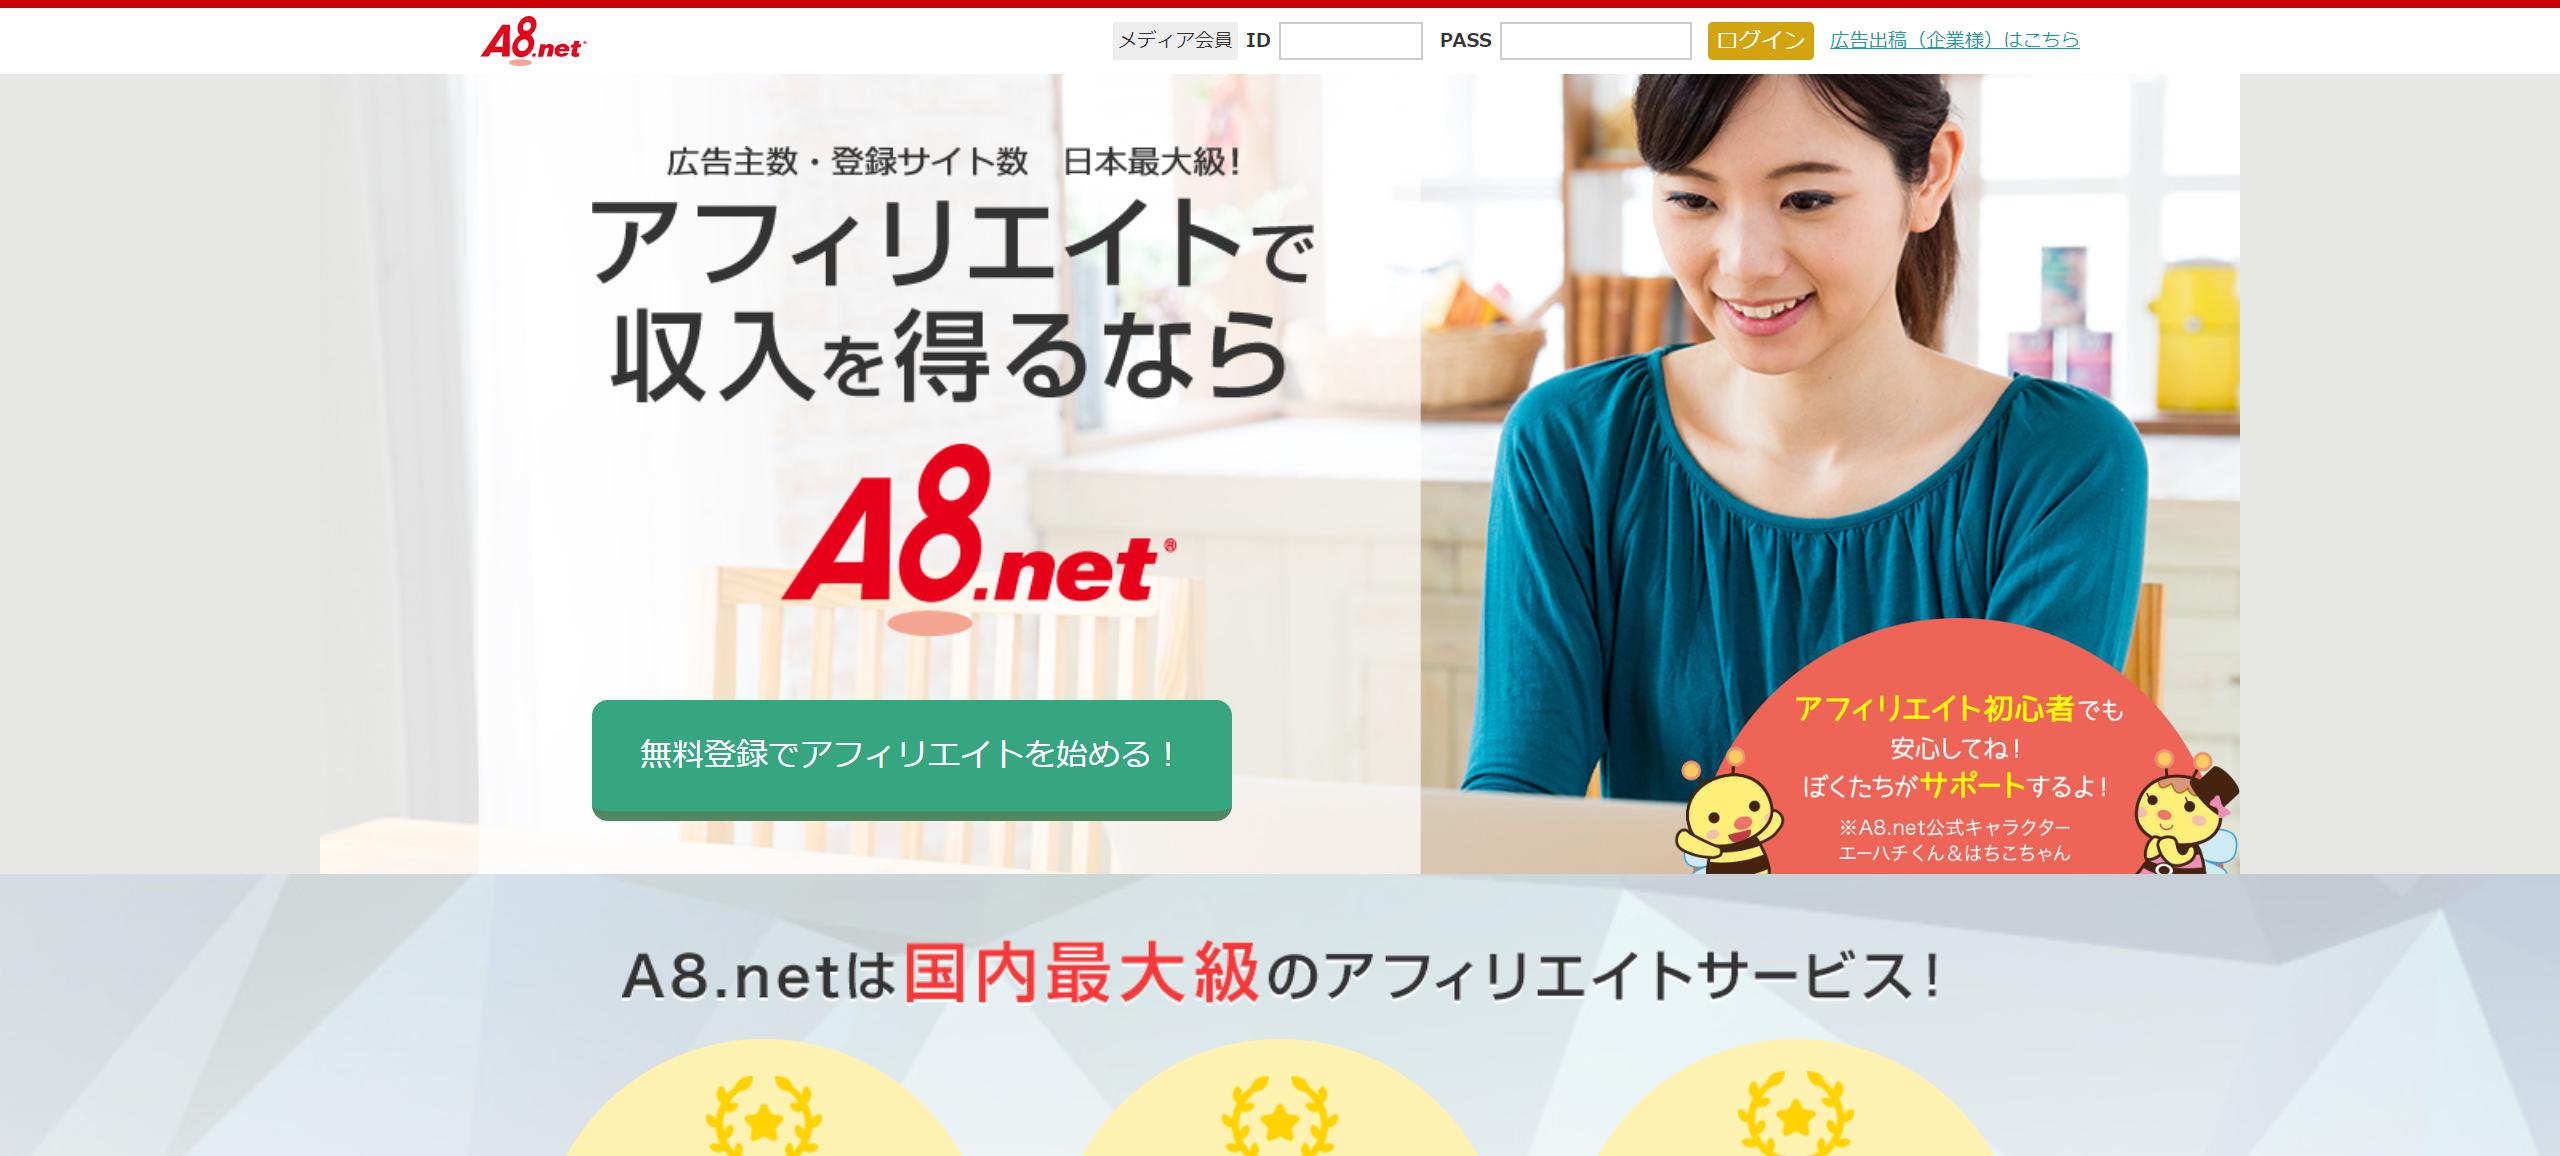 A8.netのセルフバックで稼いでみる